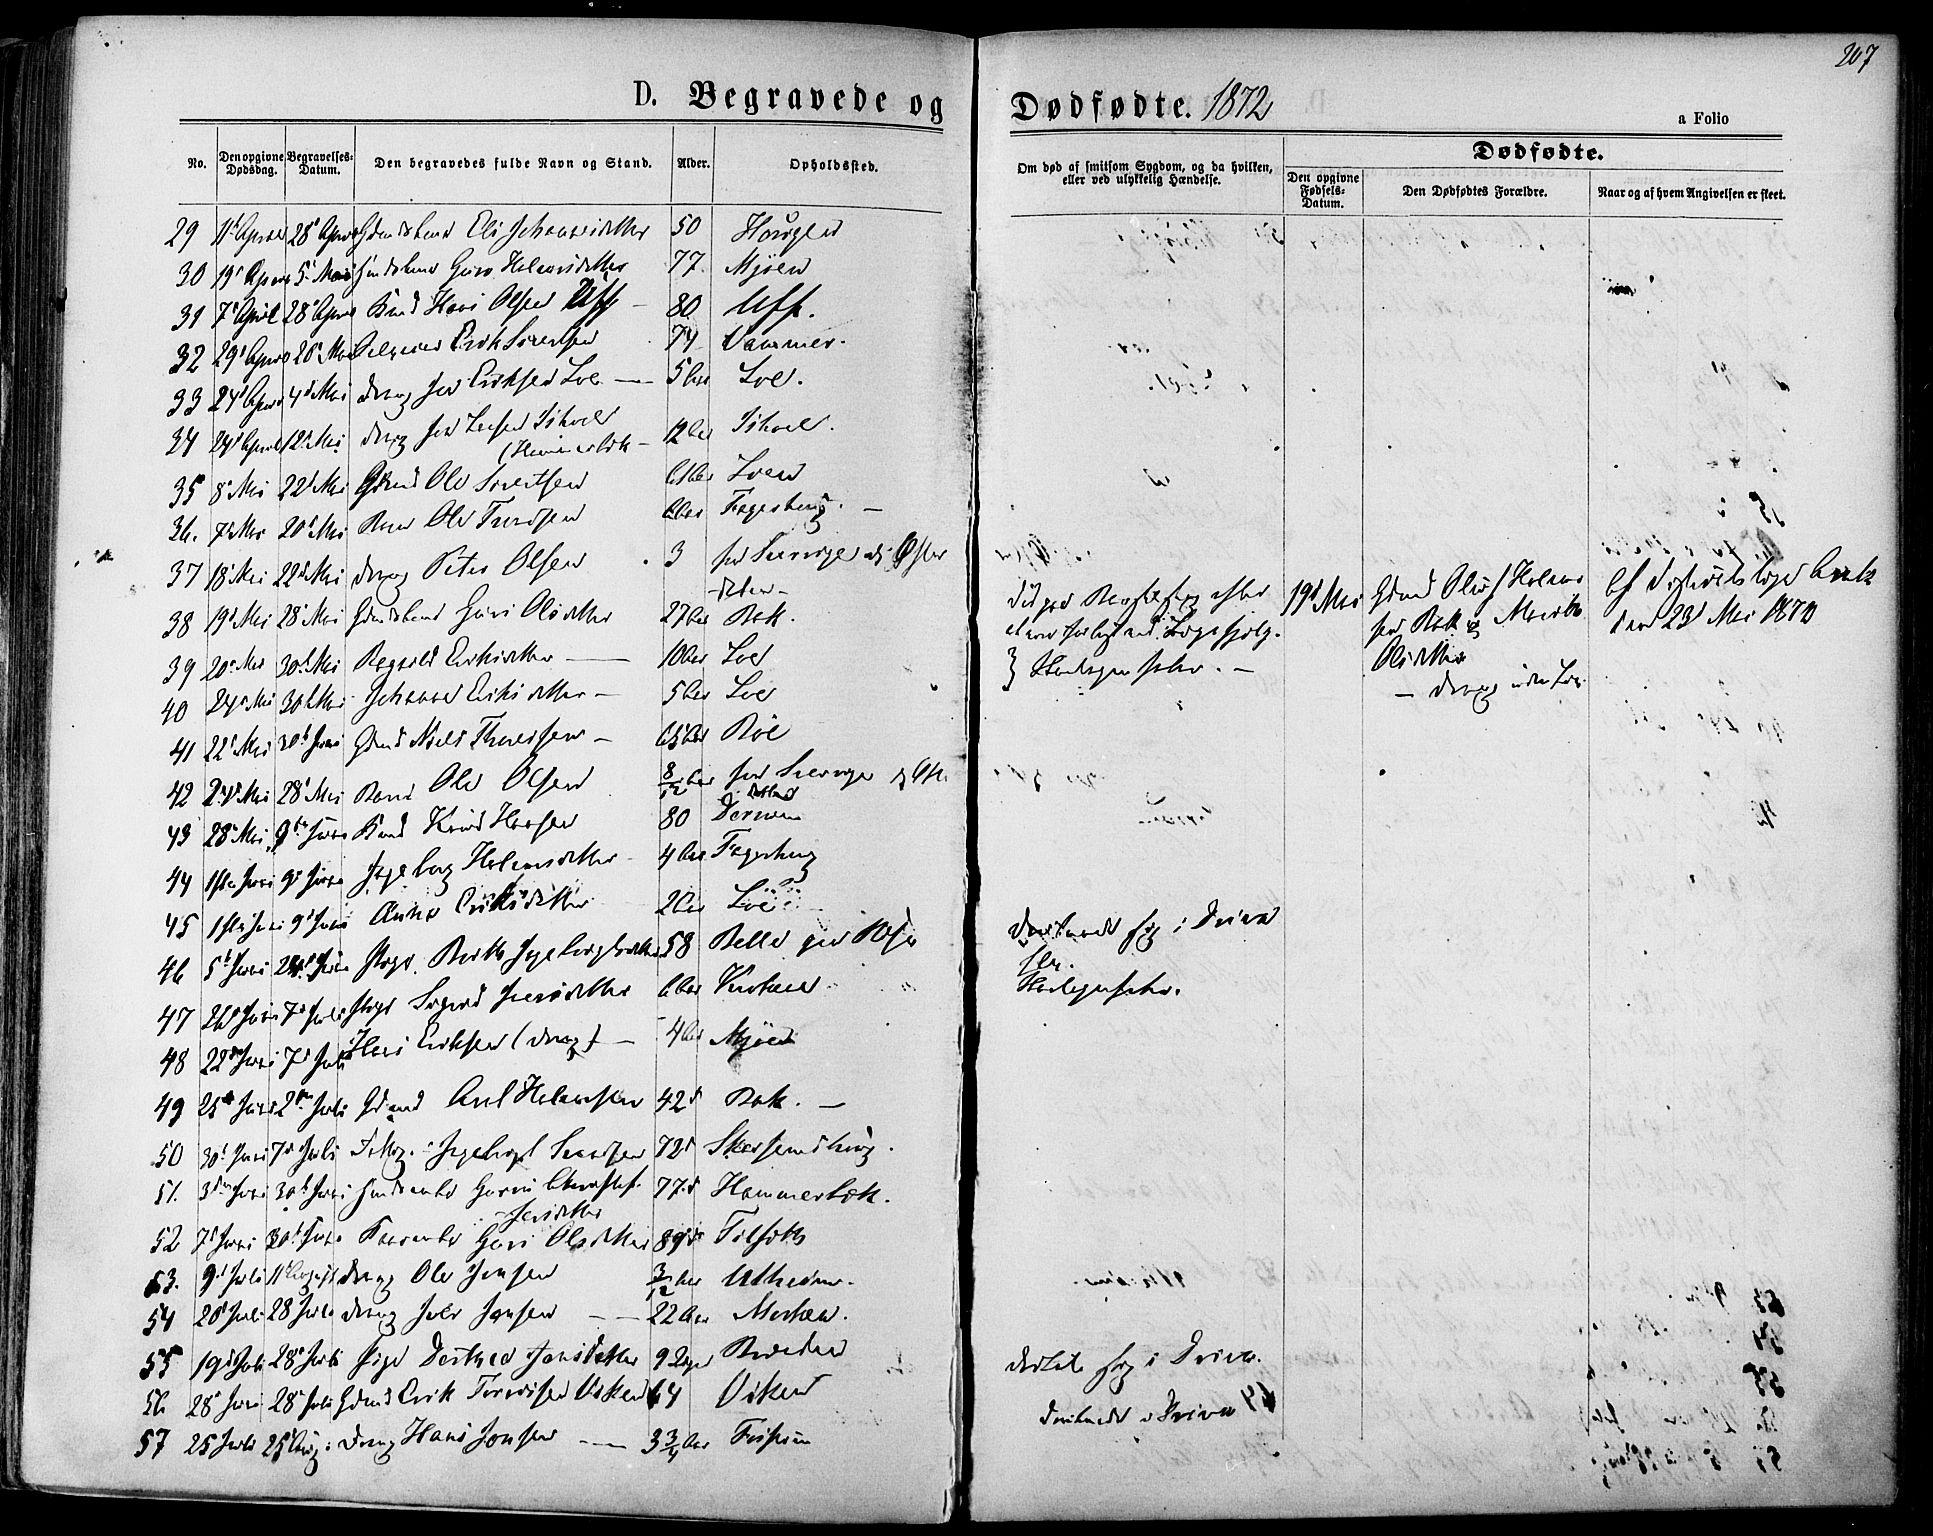 SAT, Ministerialprotokoller, klokkerbøker og fødselsregistre - Sør-Trøndelag, 678/L0900: Ministerialbok nr. 678A09, 1872-1881, s. 207